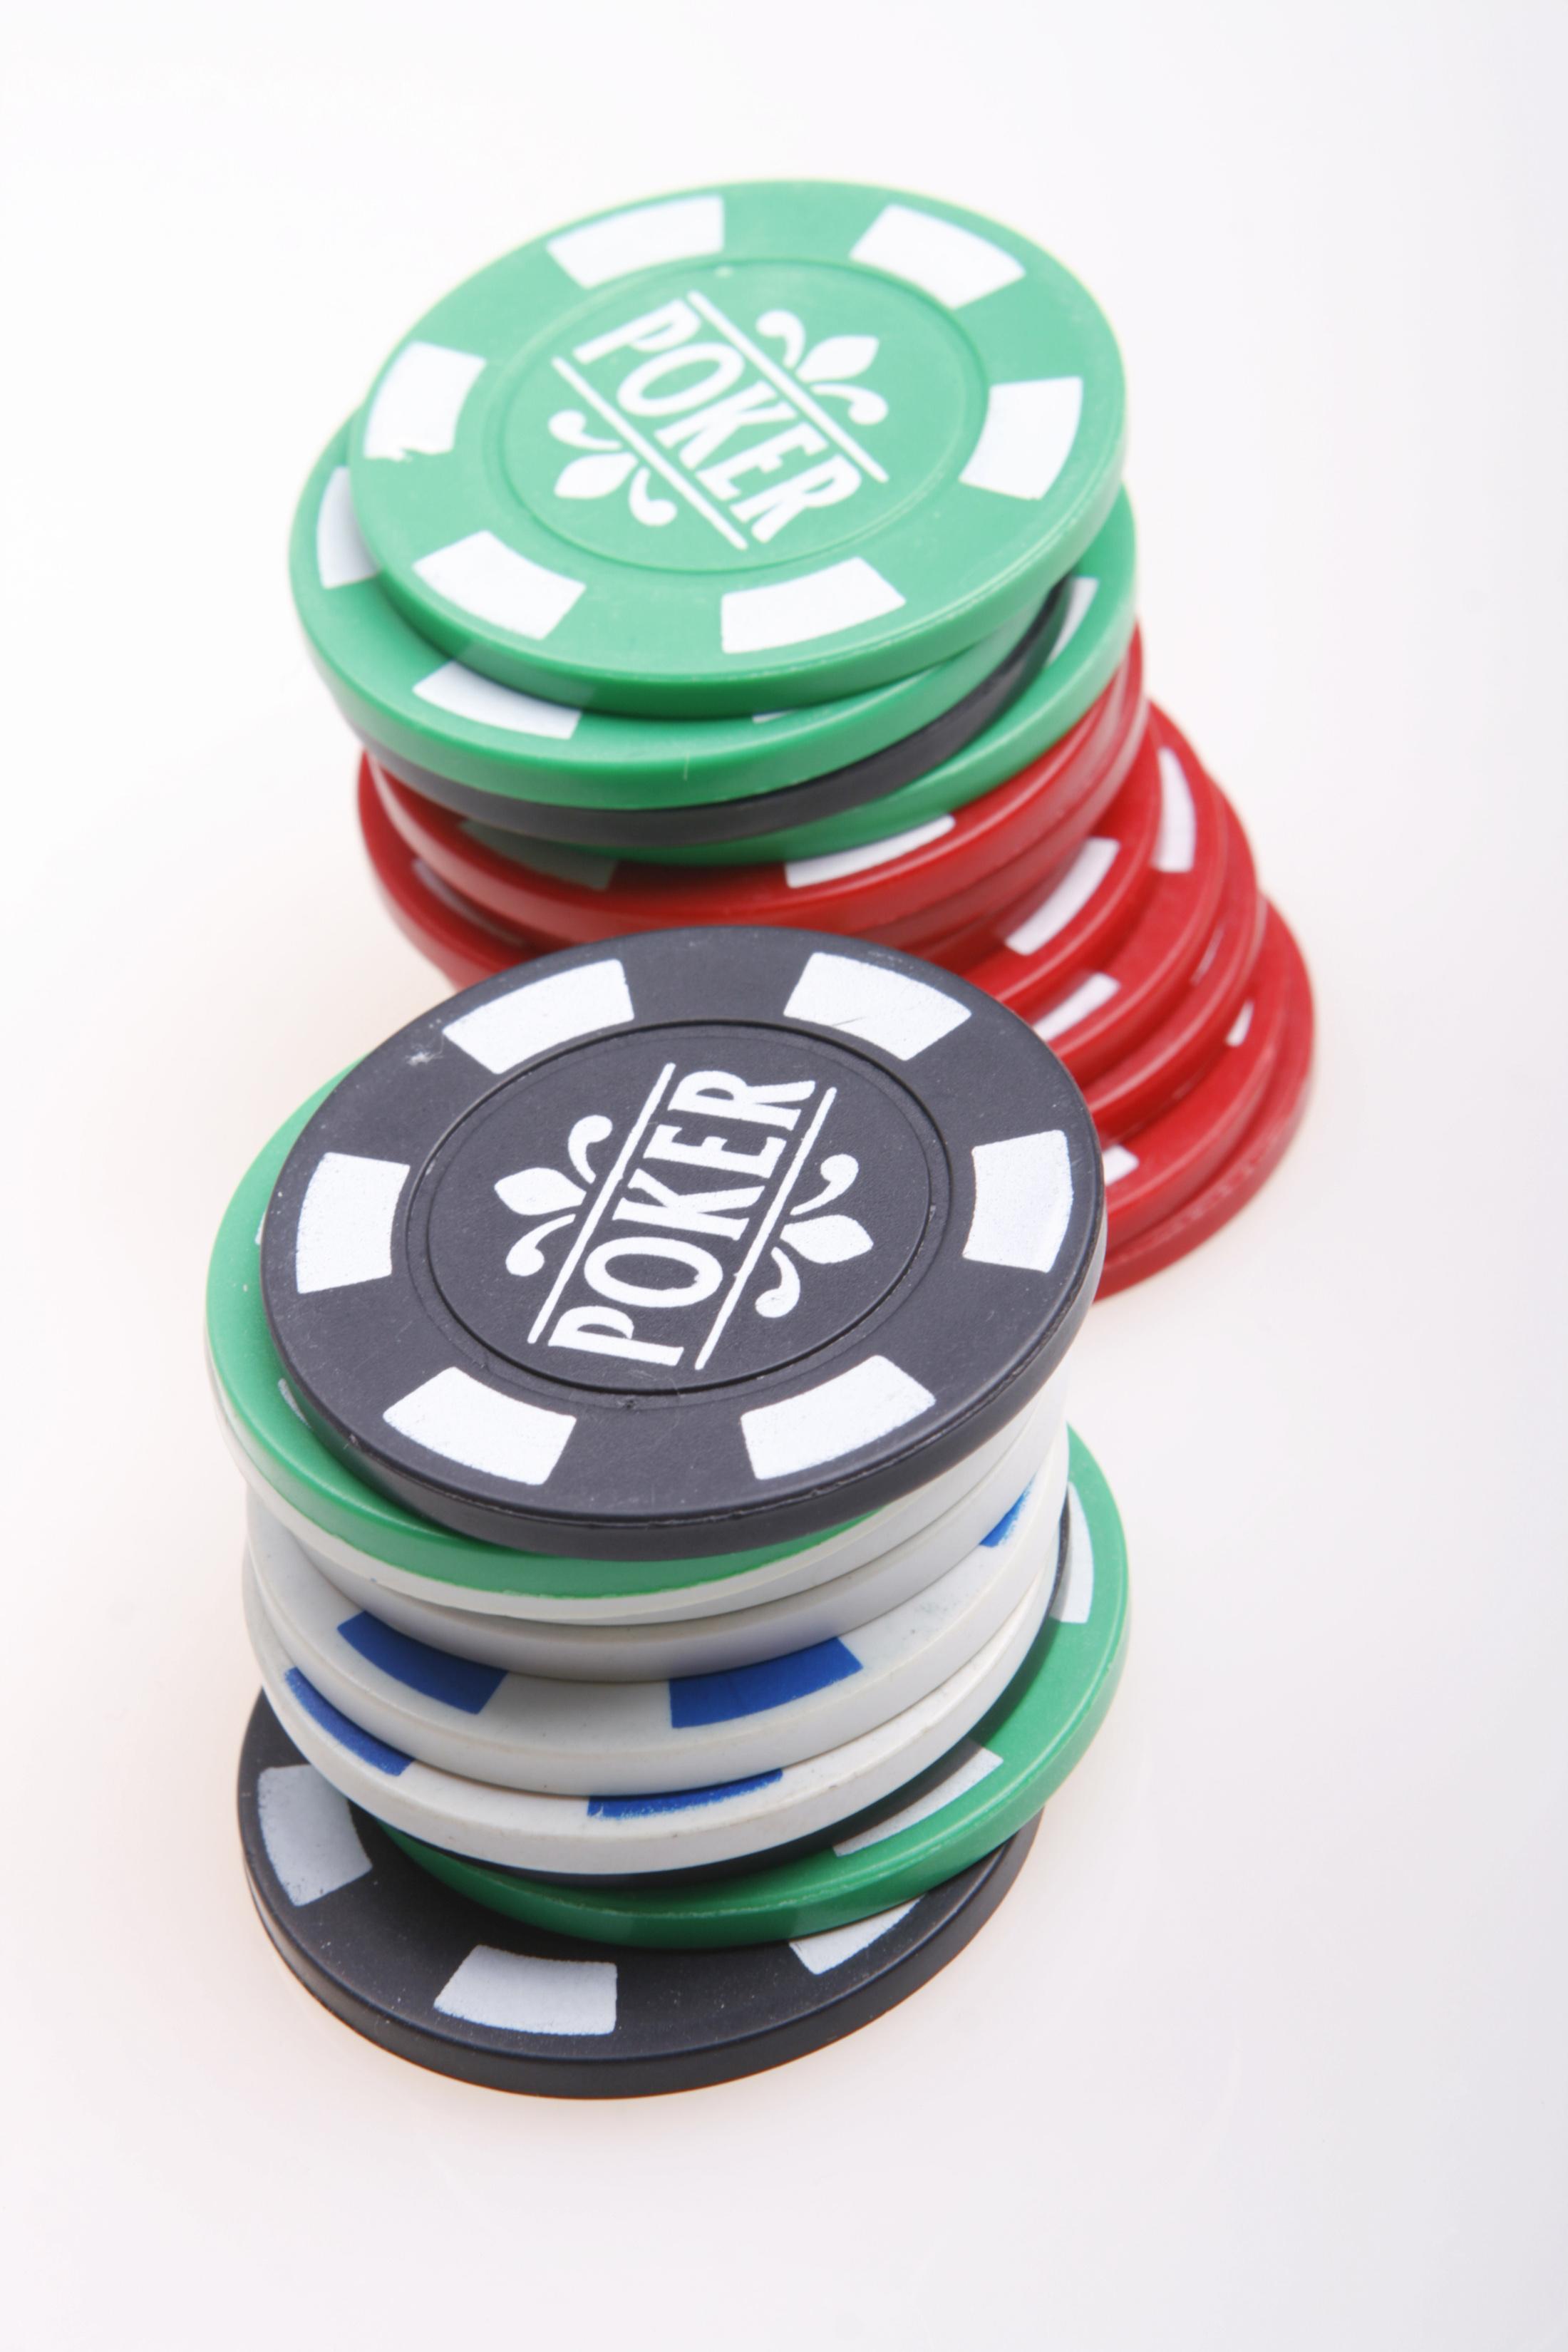 Betting chips poker chip harish kumar shetty binary options